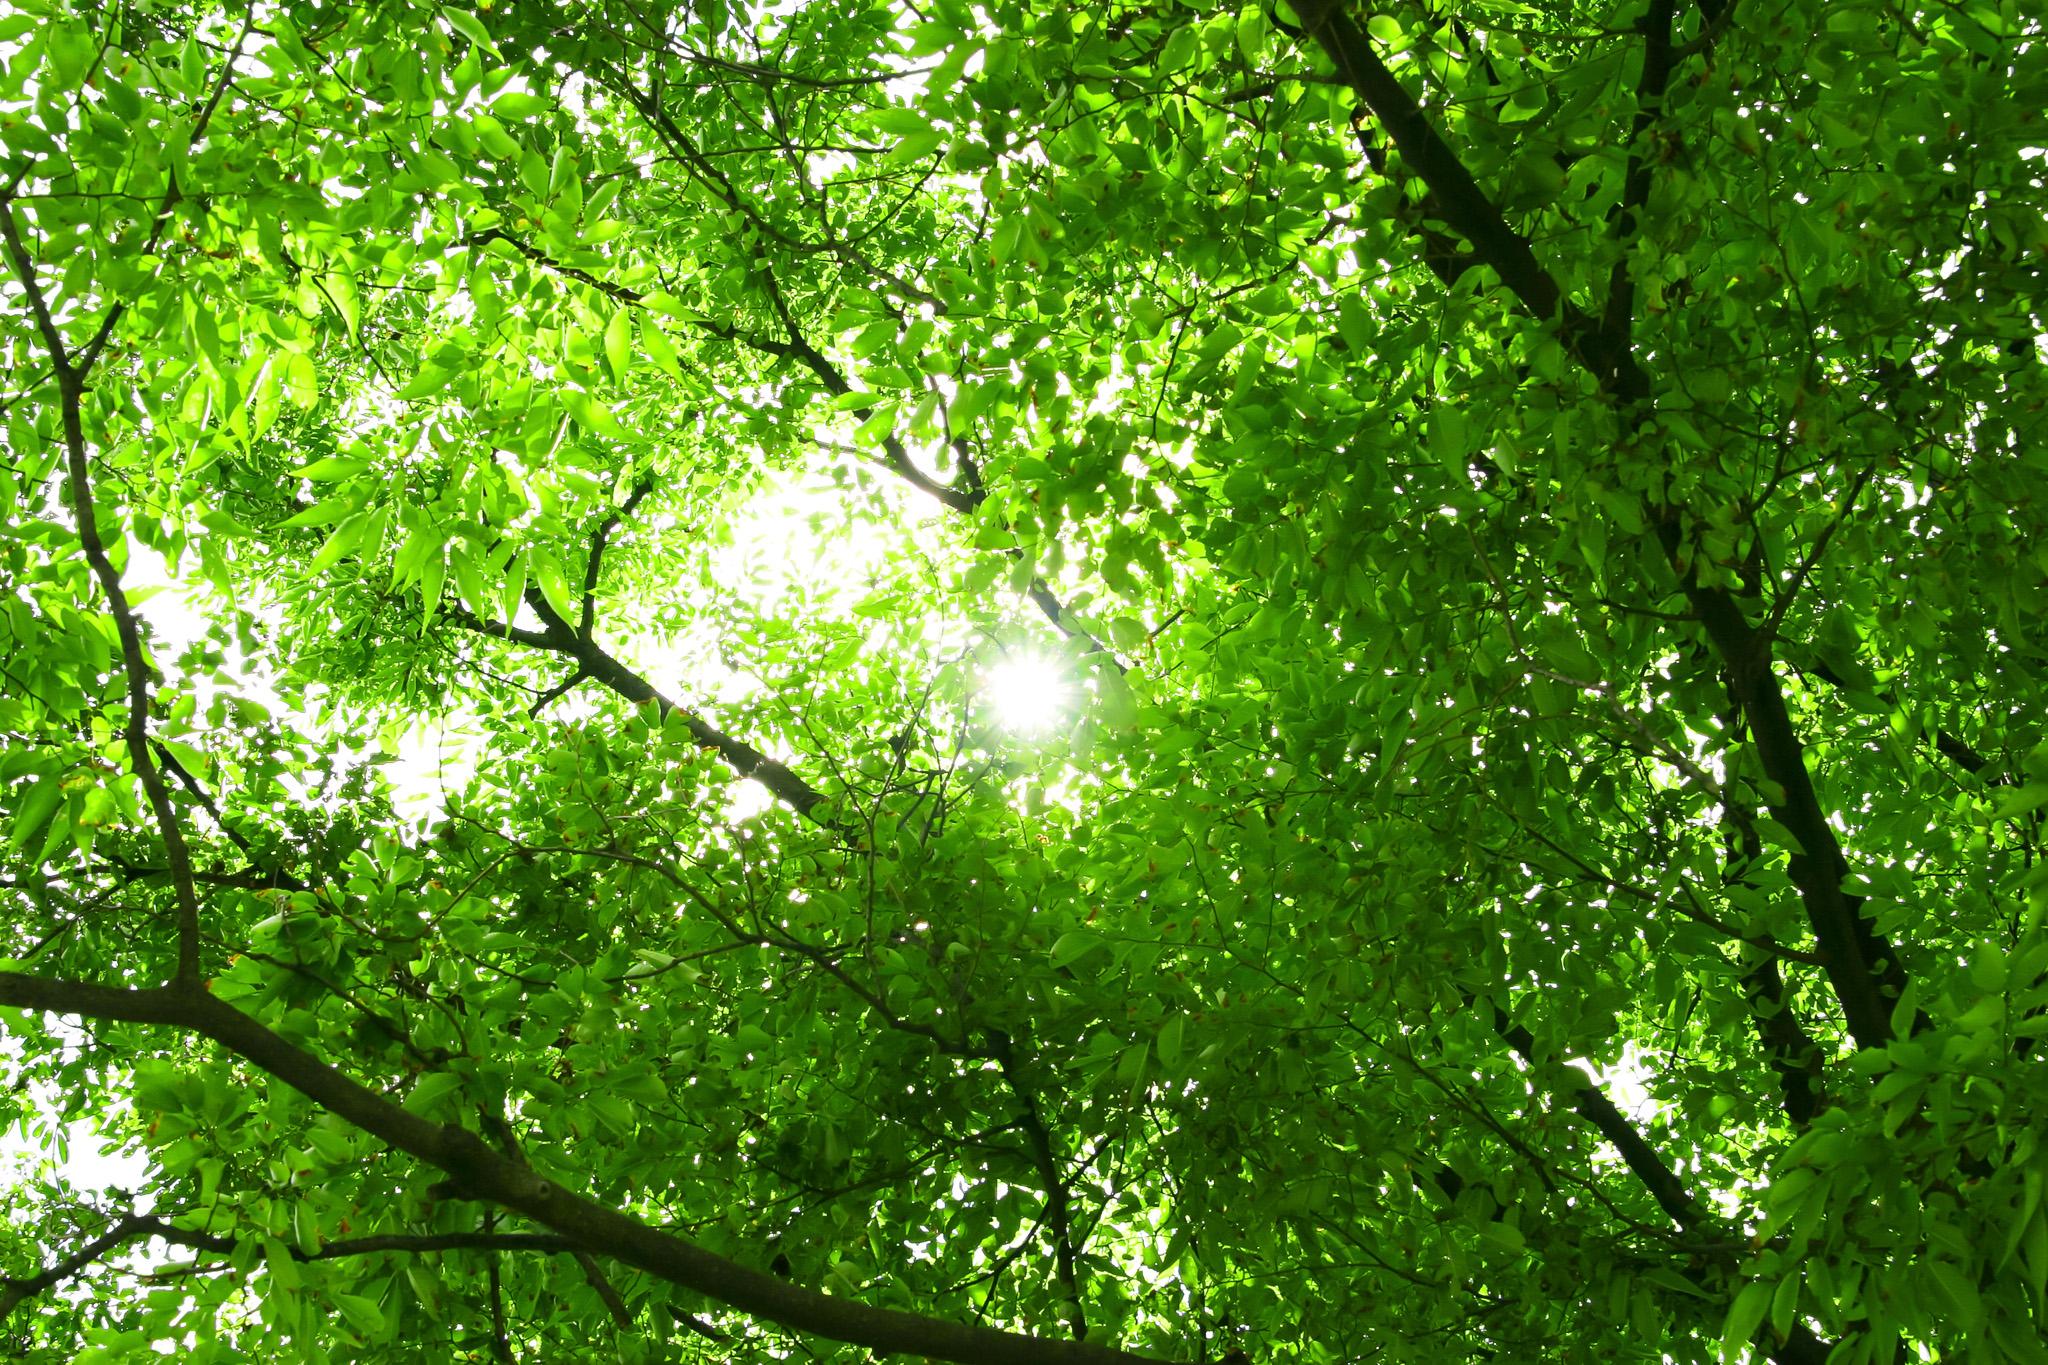 「日が差し込む緑の木立」の素材を無料ダウンロード